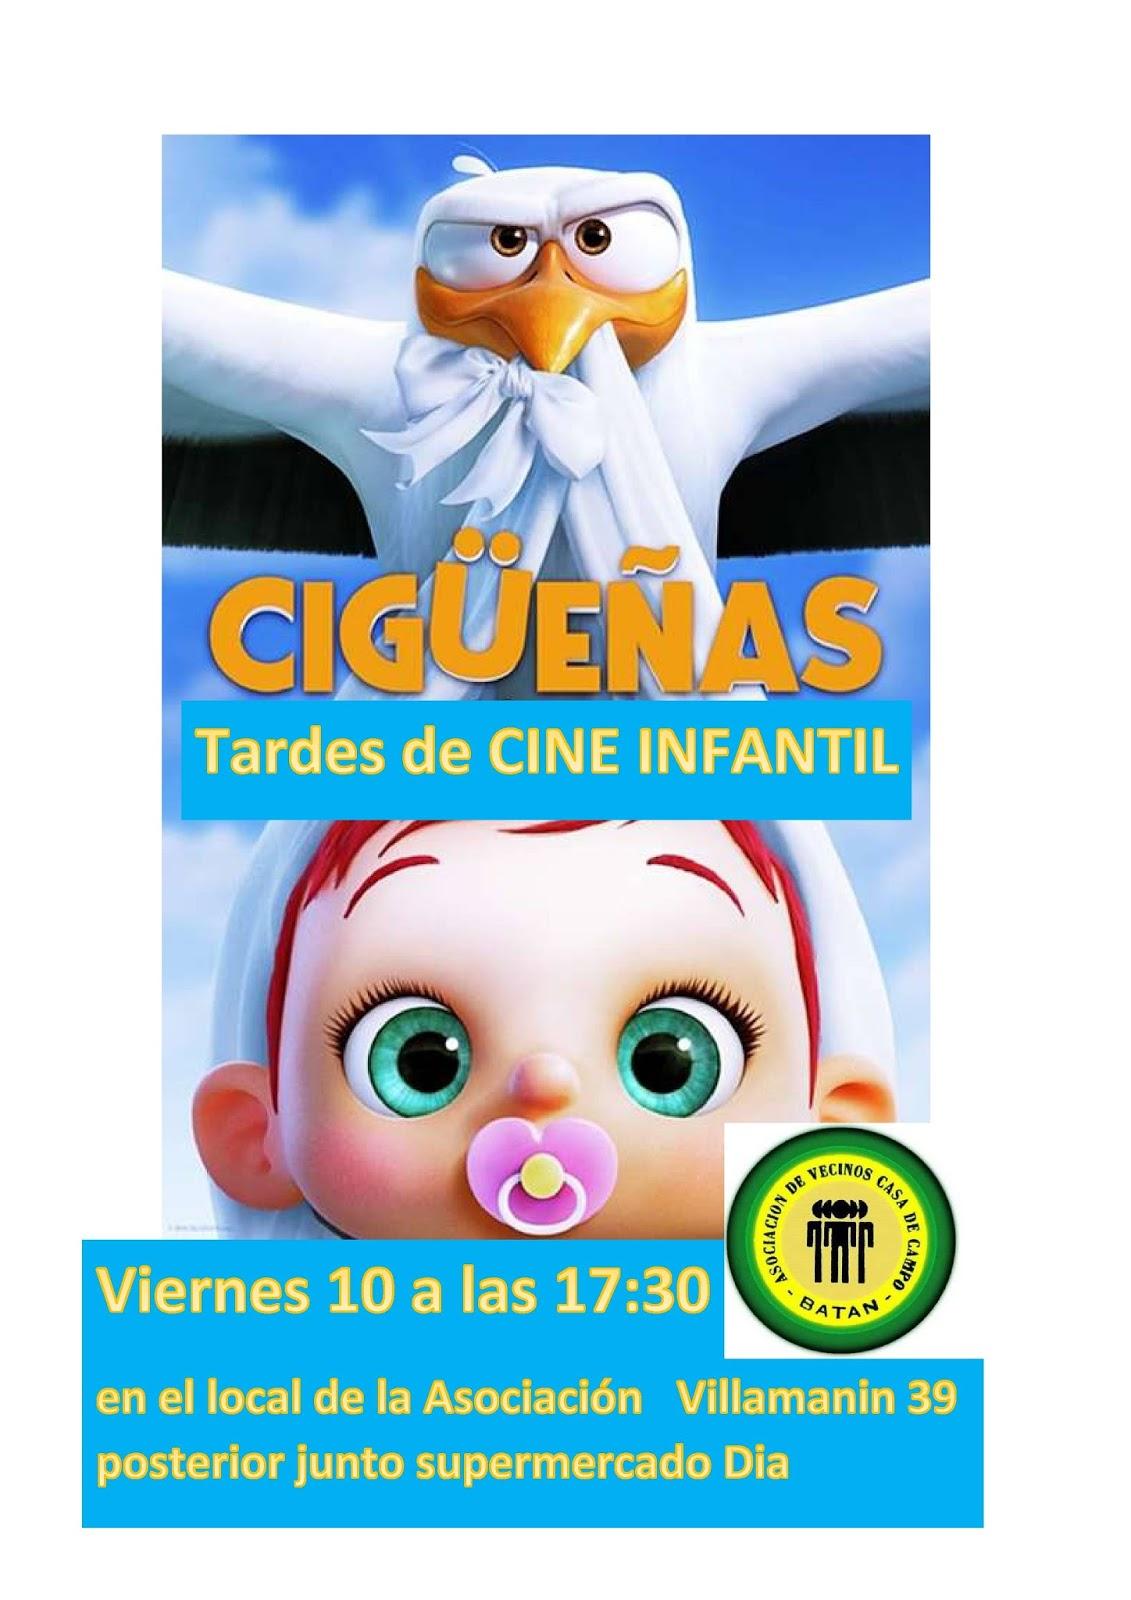 Ampa csb madrid viernes de cine for Autoescuela colonia jardin